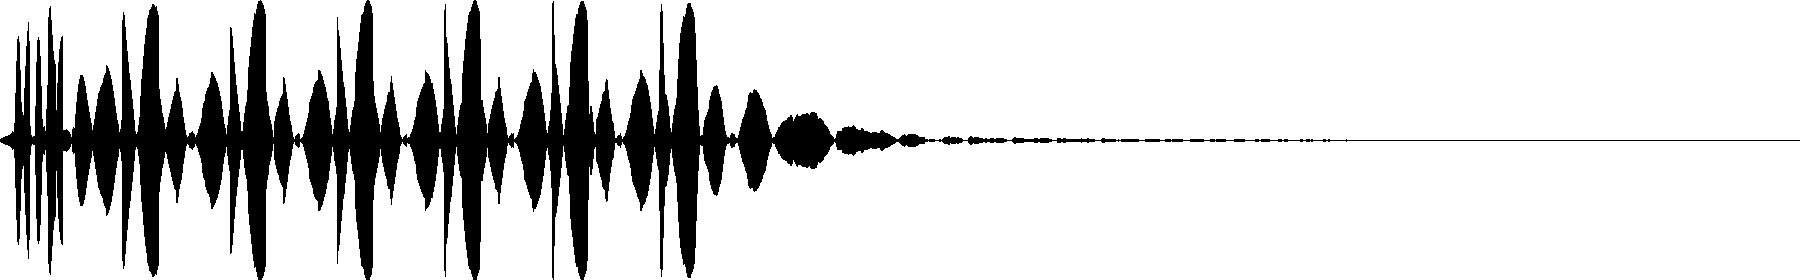 veh2 synths   149 c